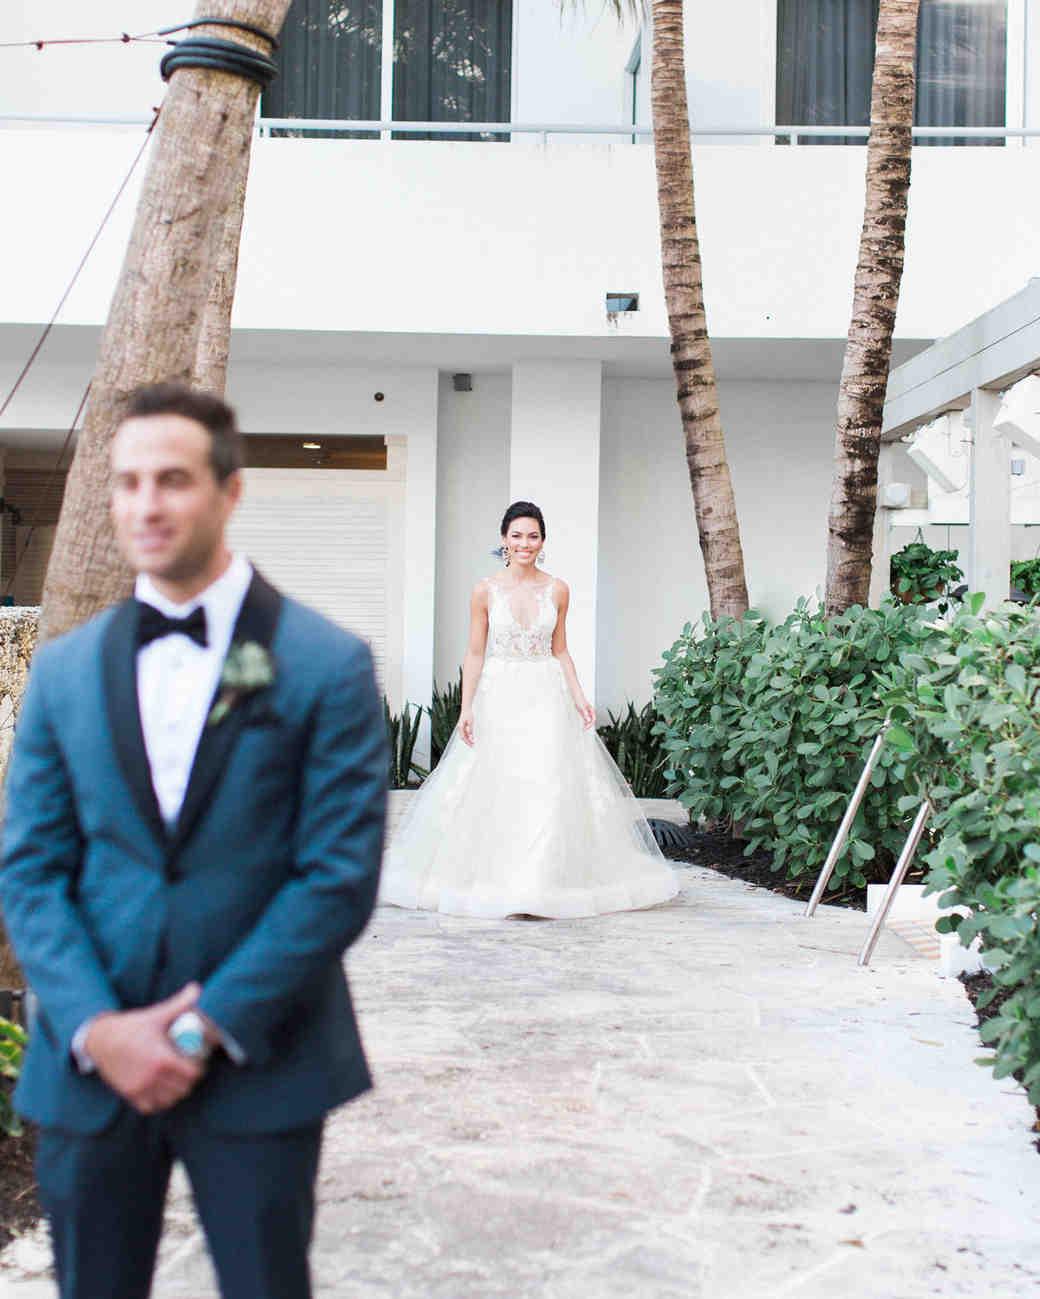 groom prepares for firstlook of bride